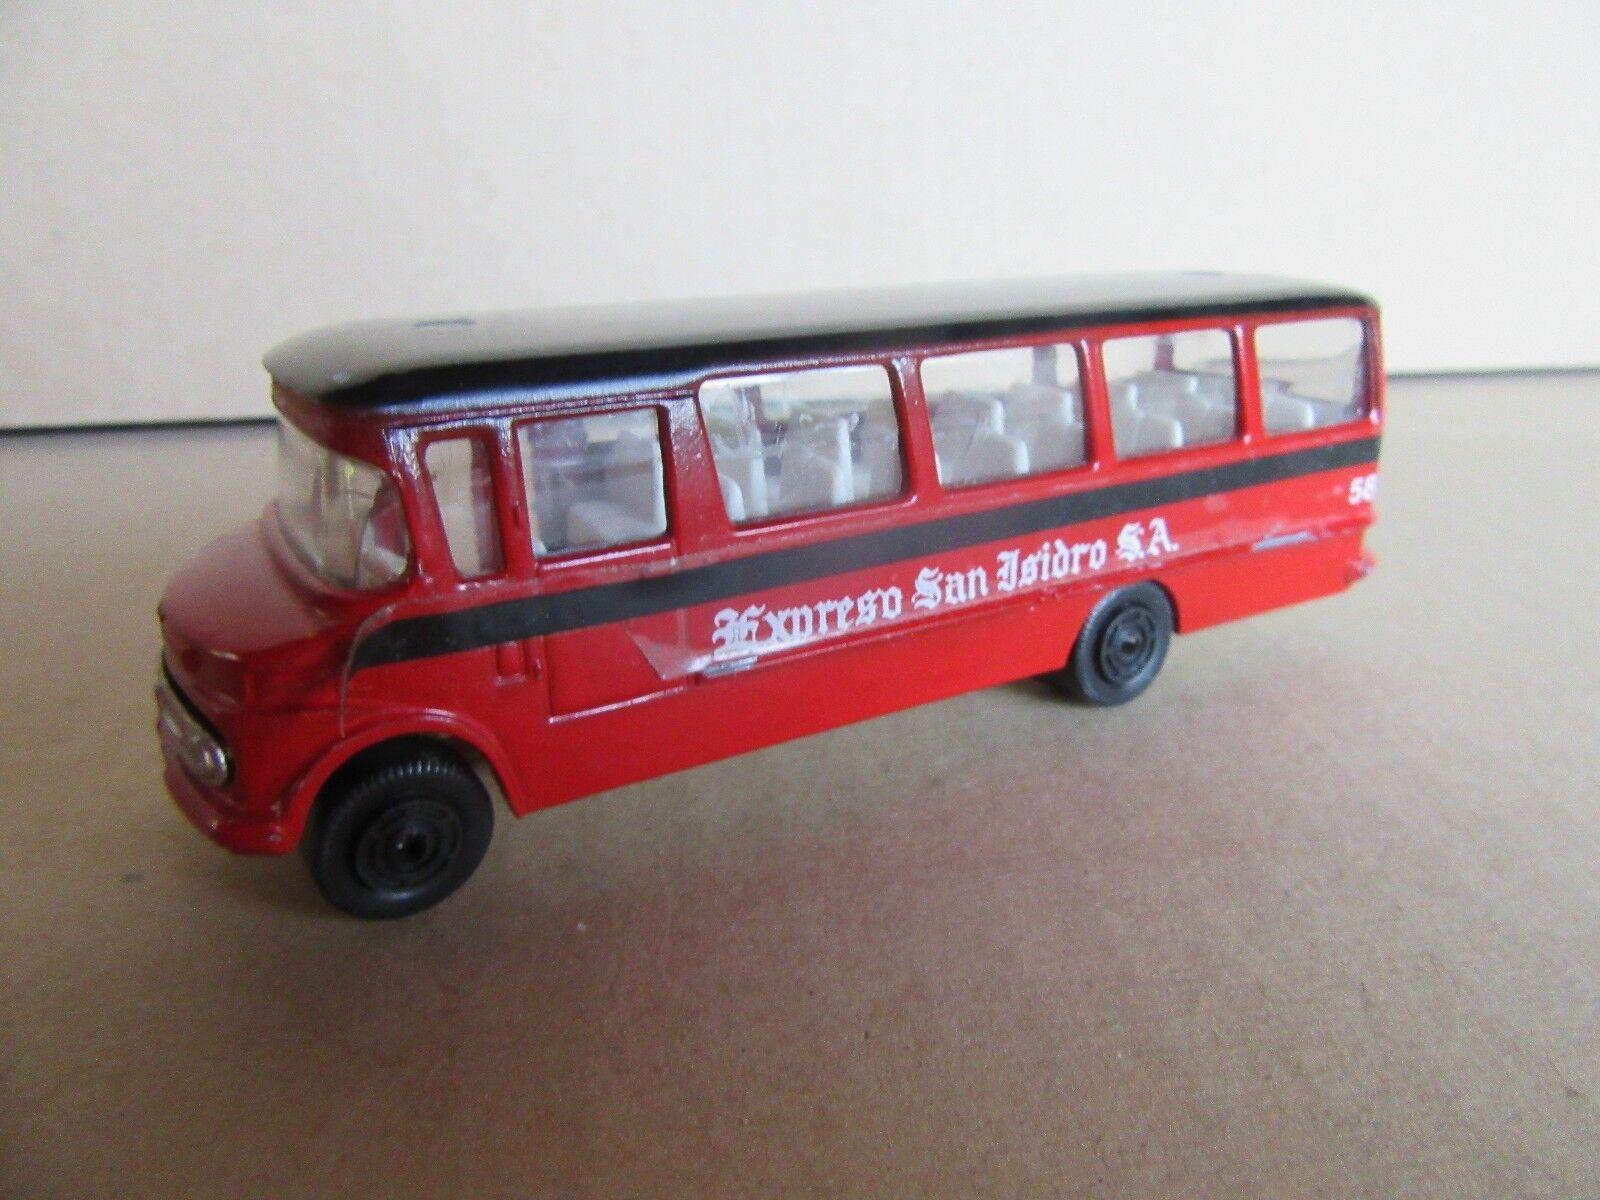 388G Raro Galgo argentoina autobus Mercedes 1112 Expreso San Isidro ITS 1 55